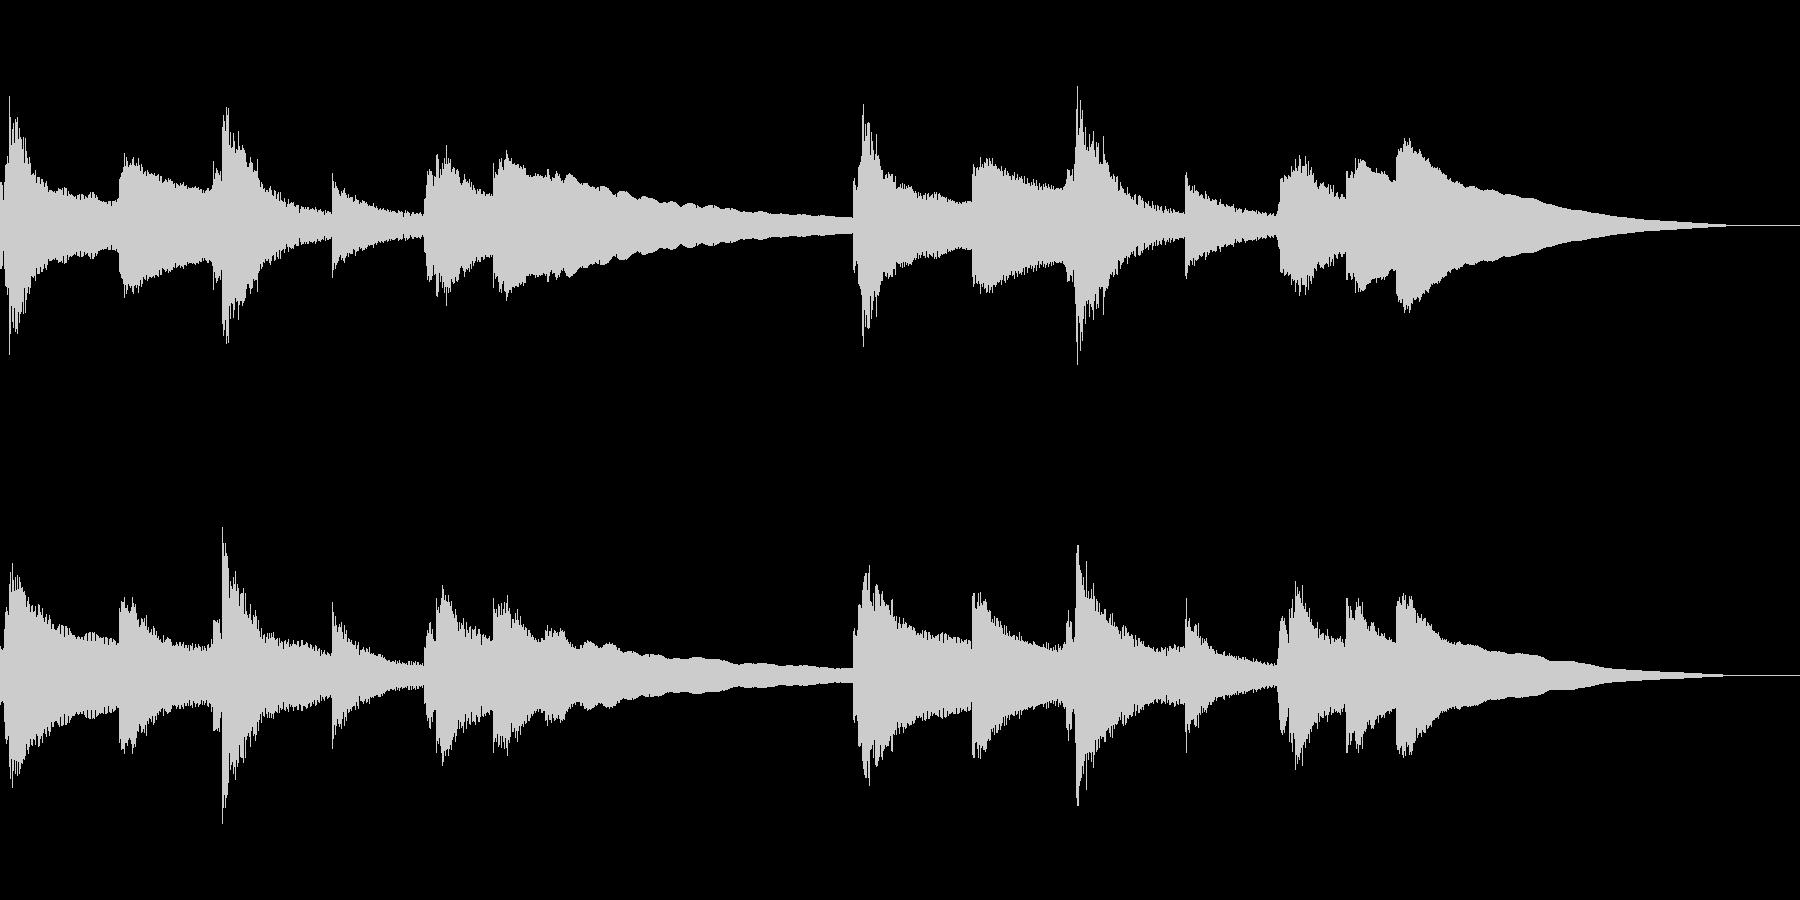 ゆったりとしたバラードBGMの未再生の波形